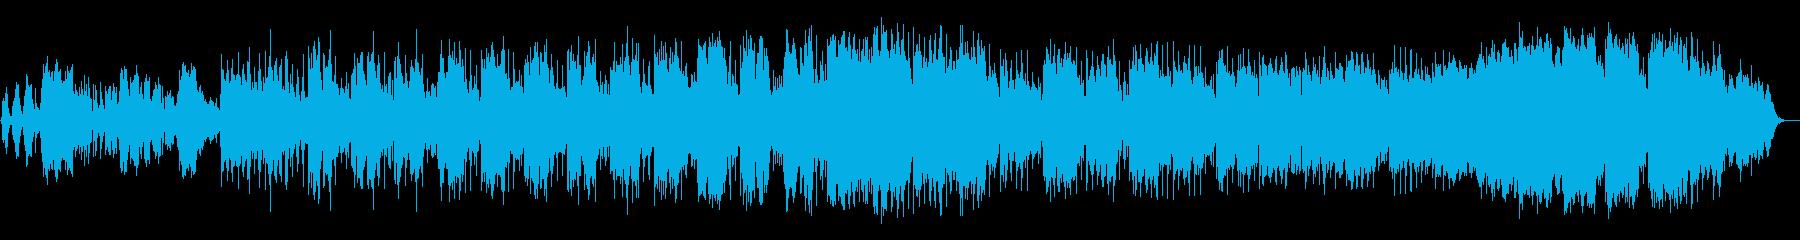 映像にぴったりのアラブ音楽の再生済みの波形